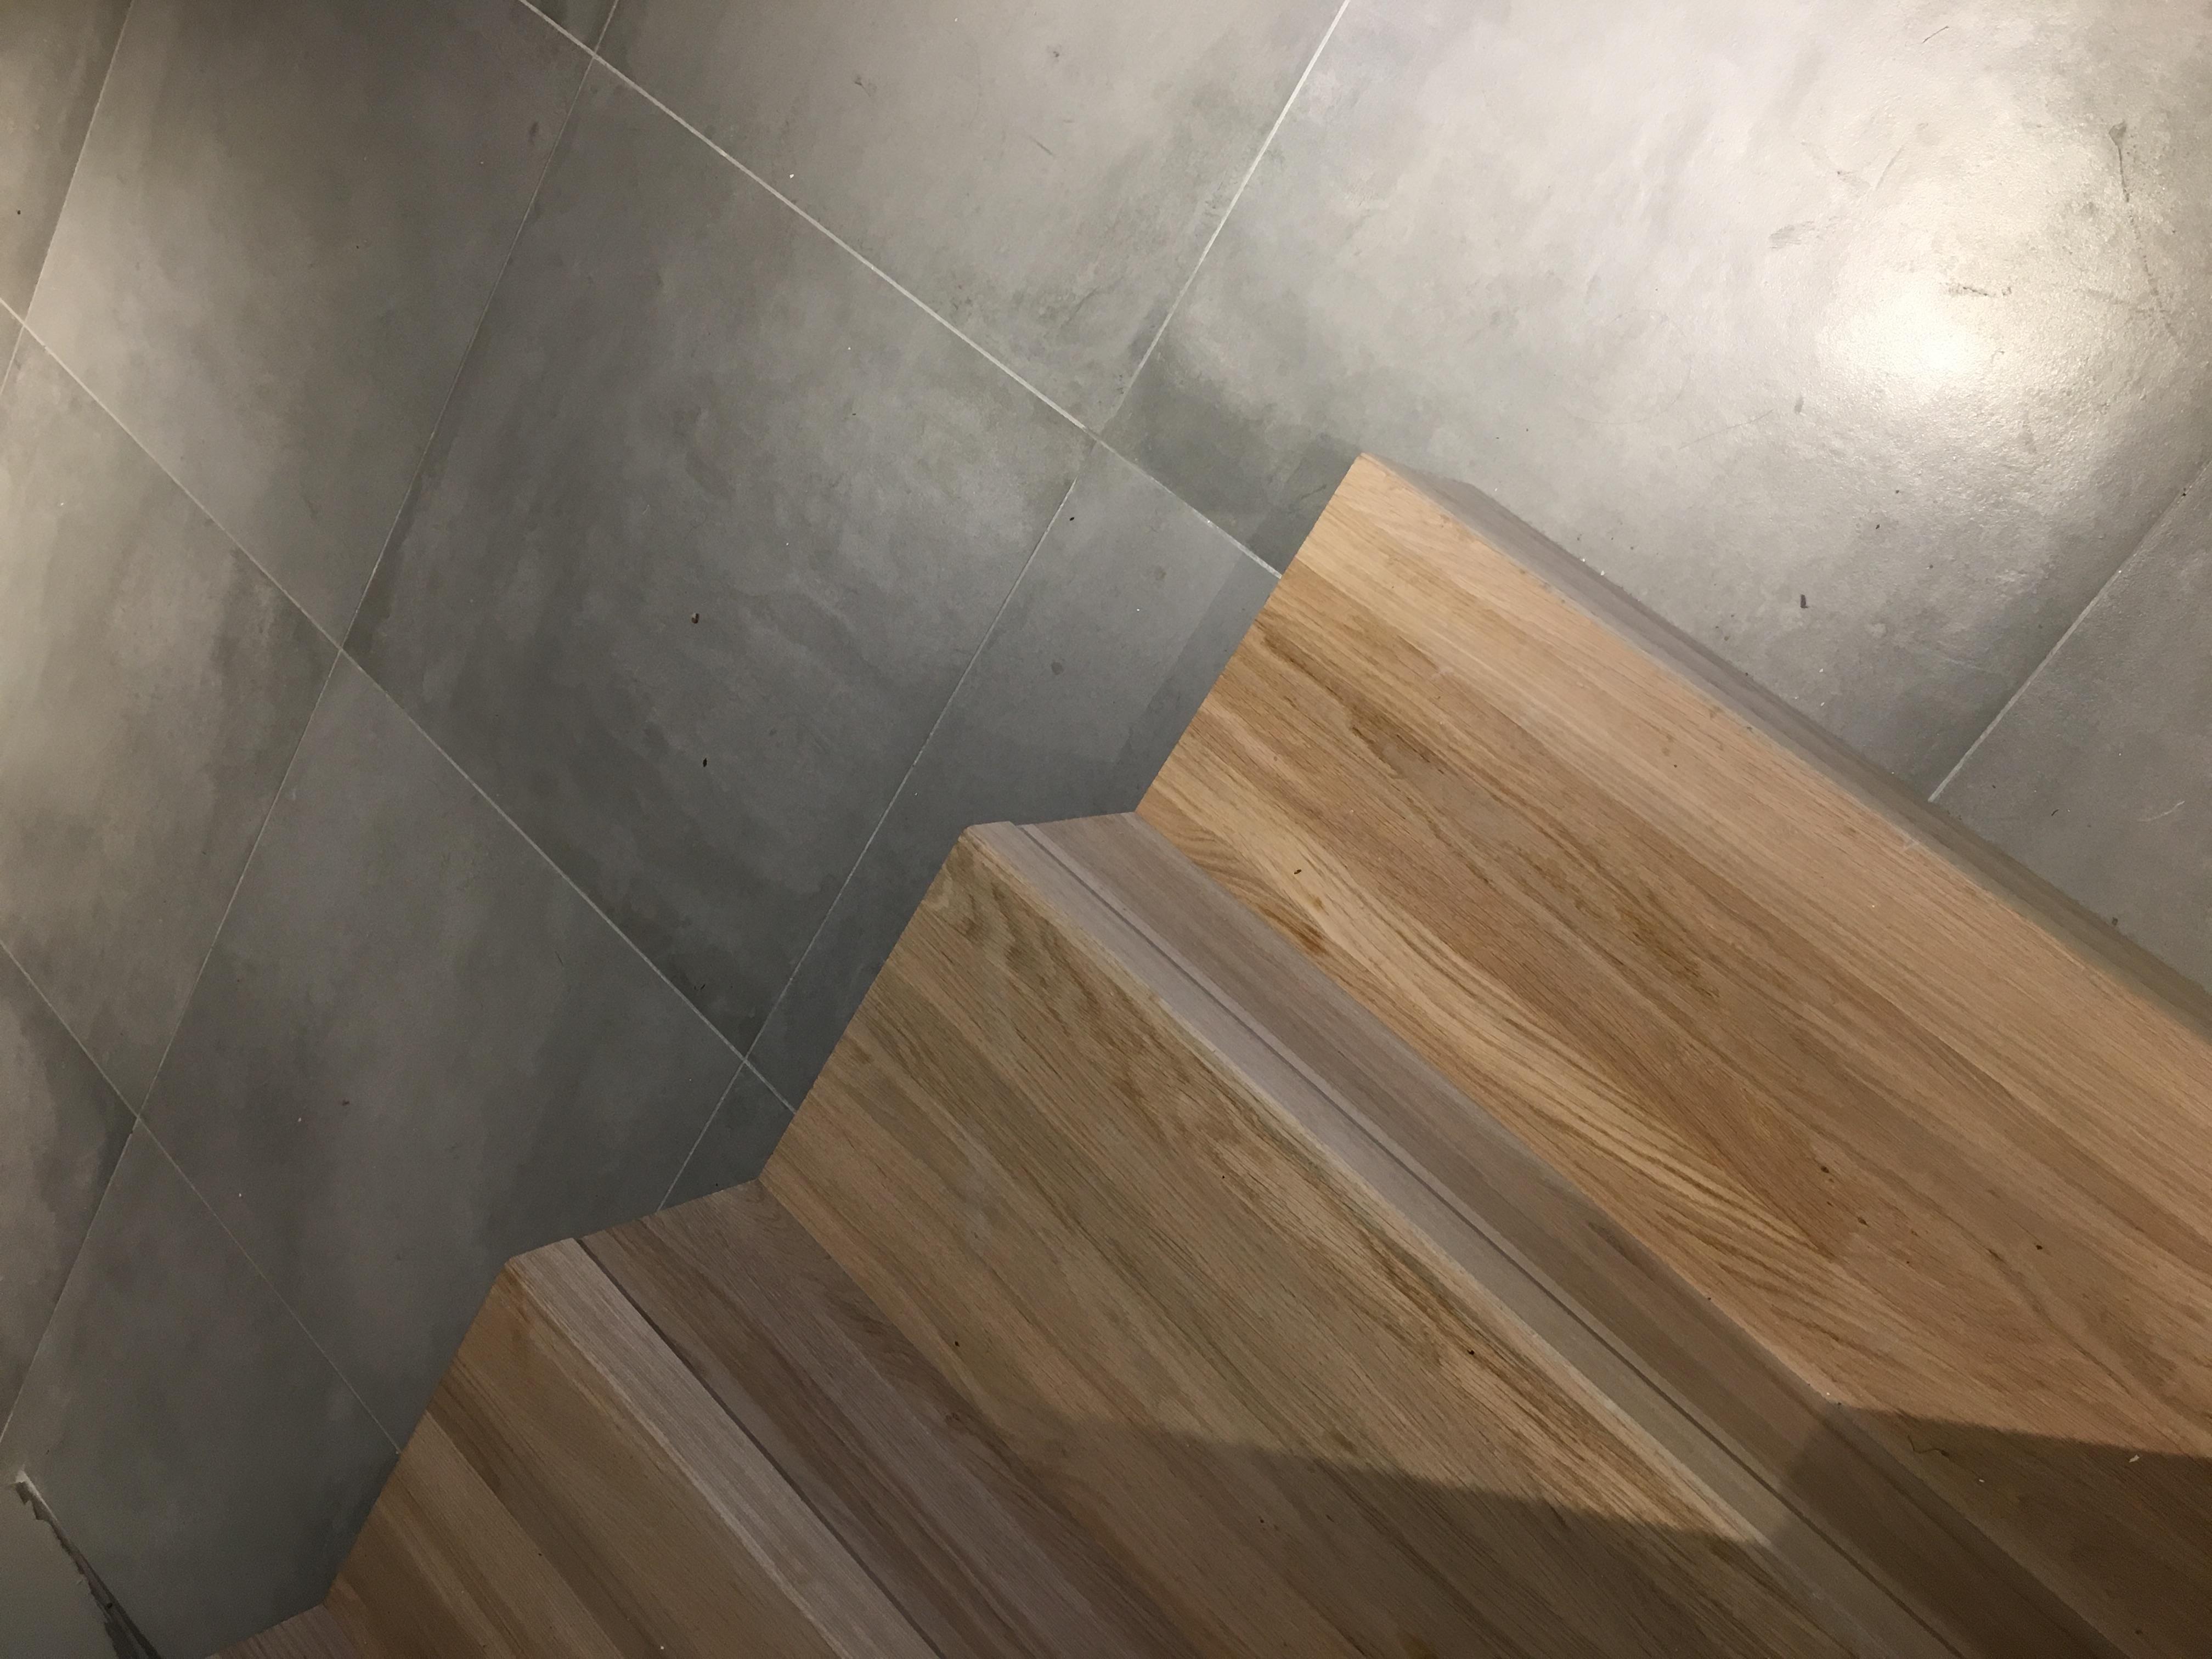 carrelage et escalier